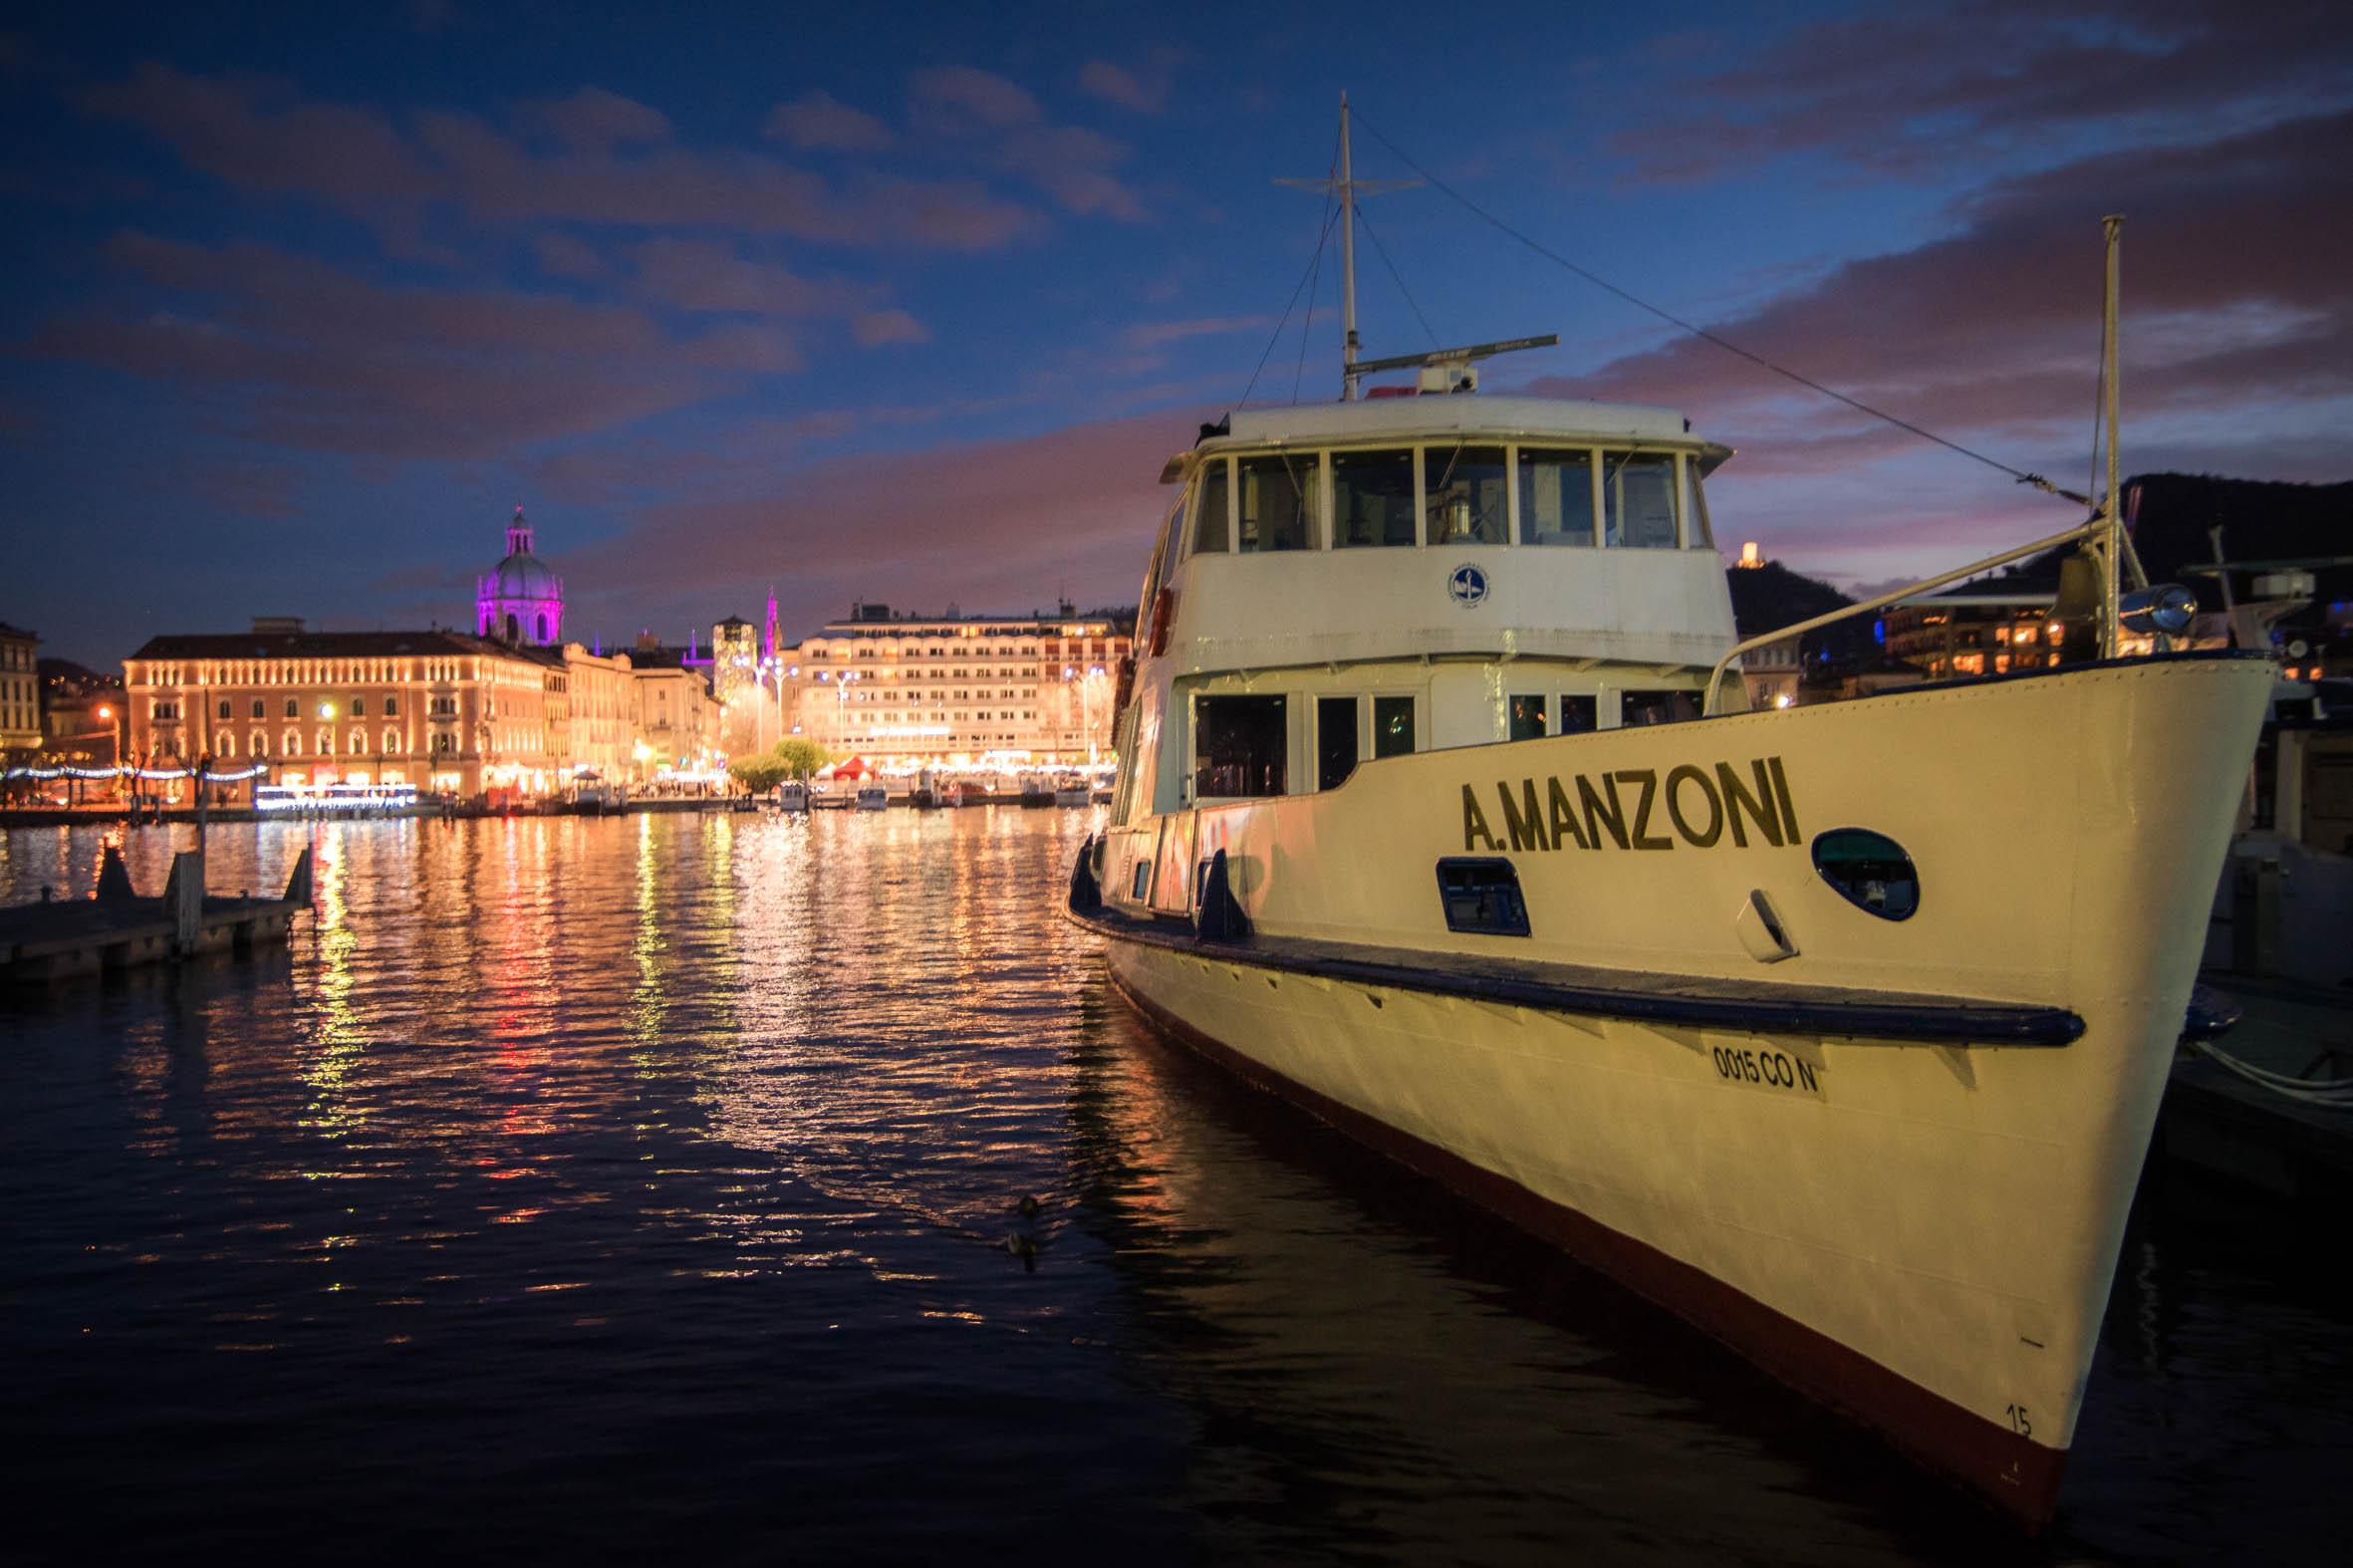 Motorschiff Manzoni mit Blick auf die Piazza Cavour von Como und den Lichtern der Città dei Balocchi in der Vorweihnachtszeit